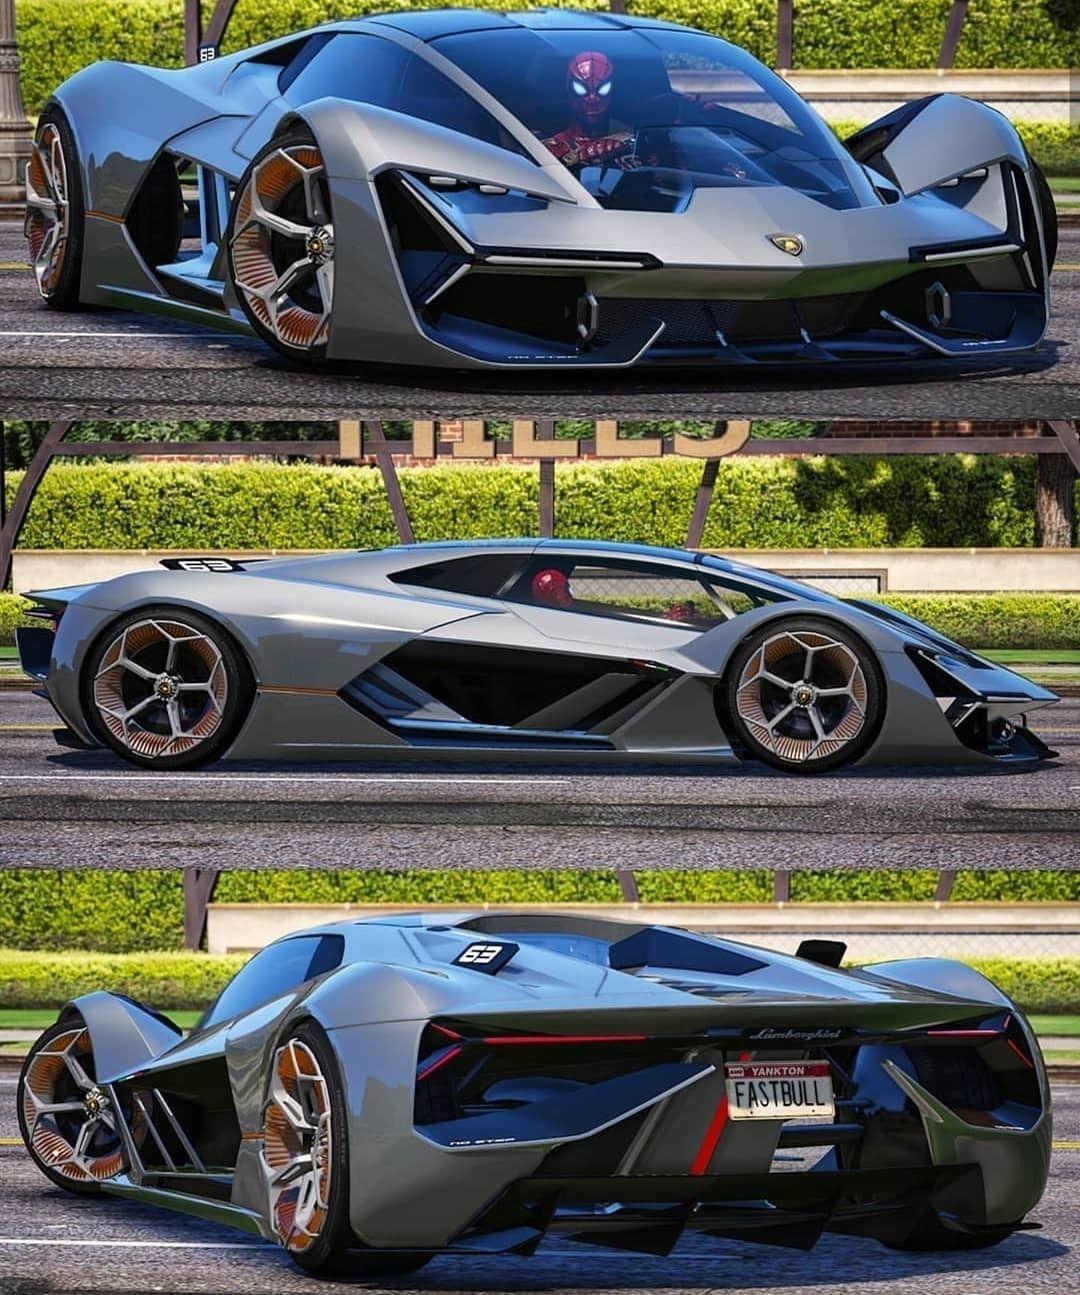 Lamborghini Official On Instagram Name This Beast Photo By Lordvillain Lamborghinis Lamborghini Daily La Lamborghini Cars Sports Cars Luxury Super Cars